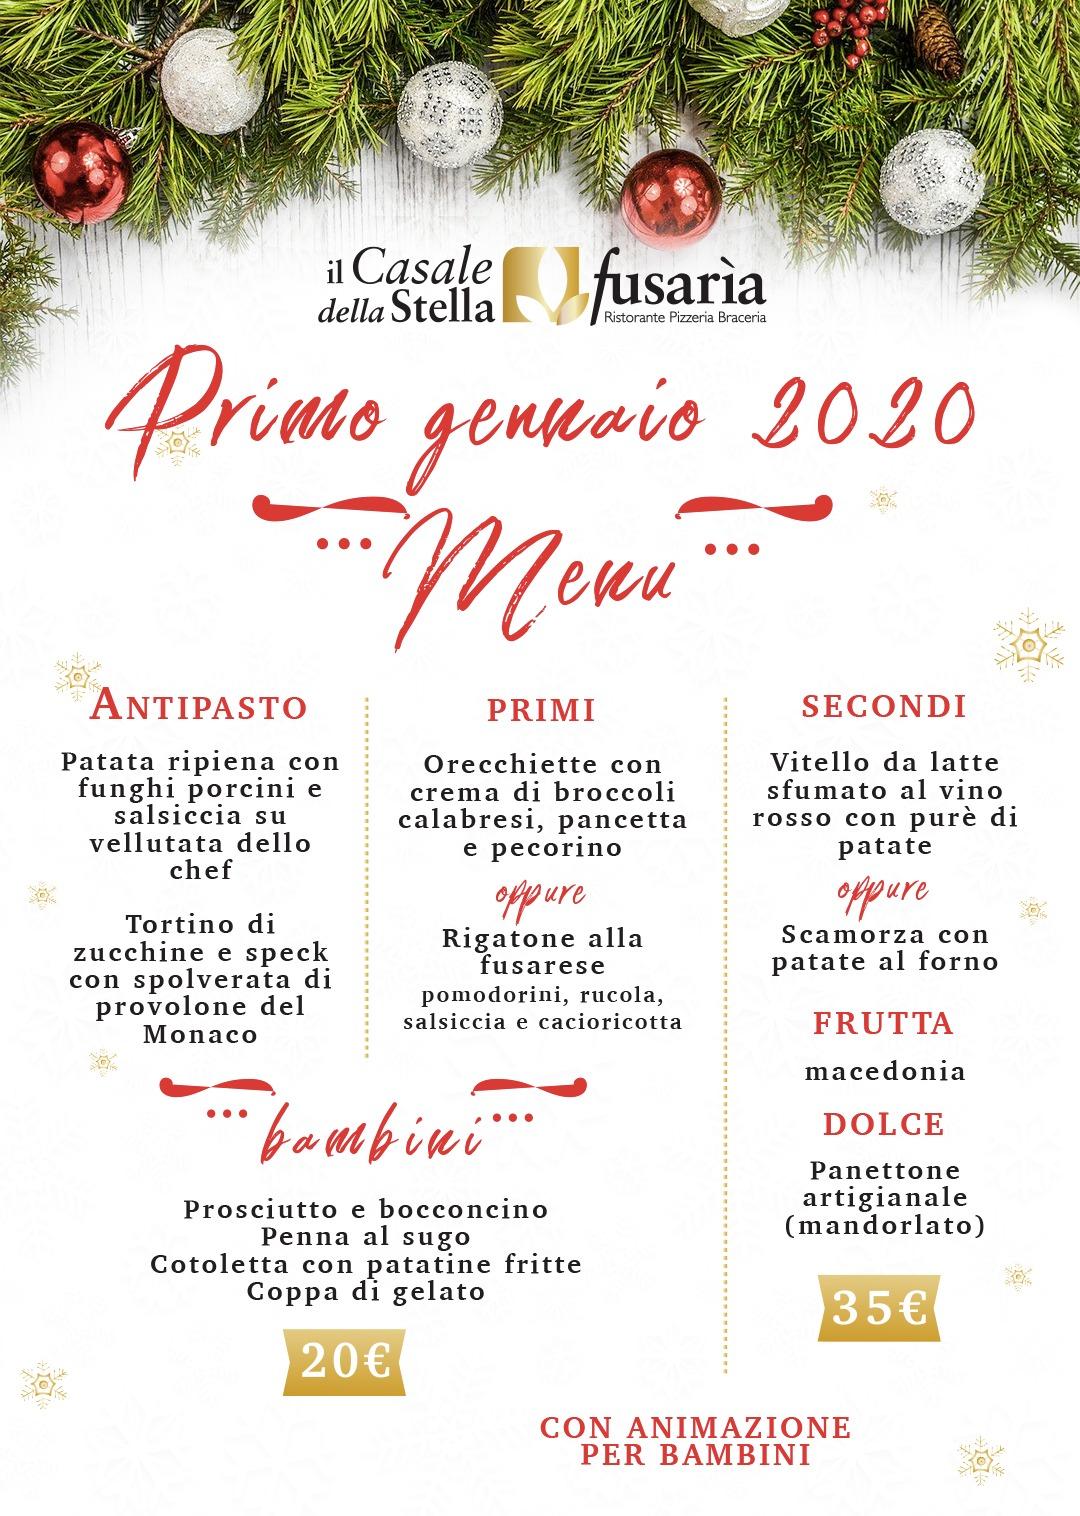 Menu del 1 gennaio 2020 al Casale della Stella Fusaria